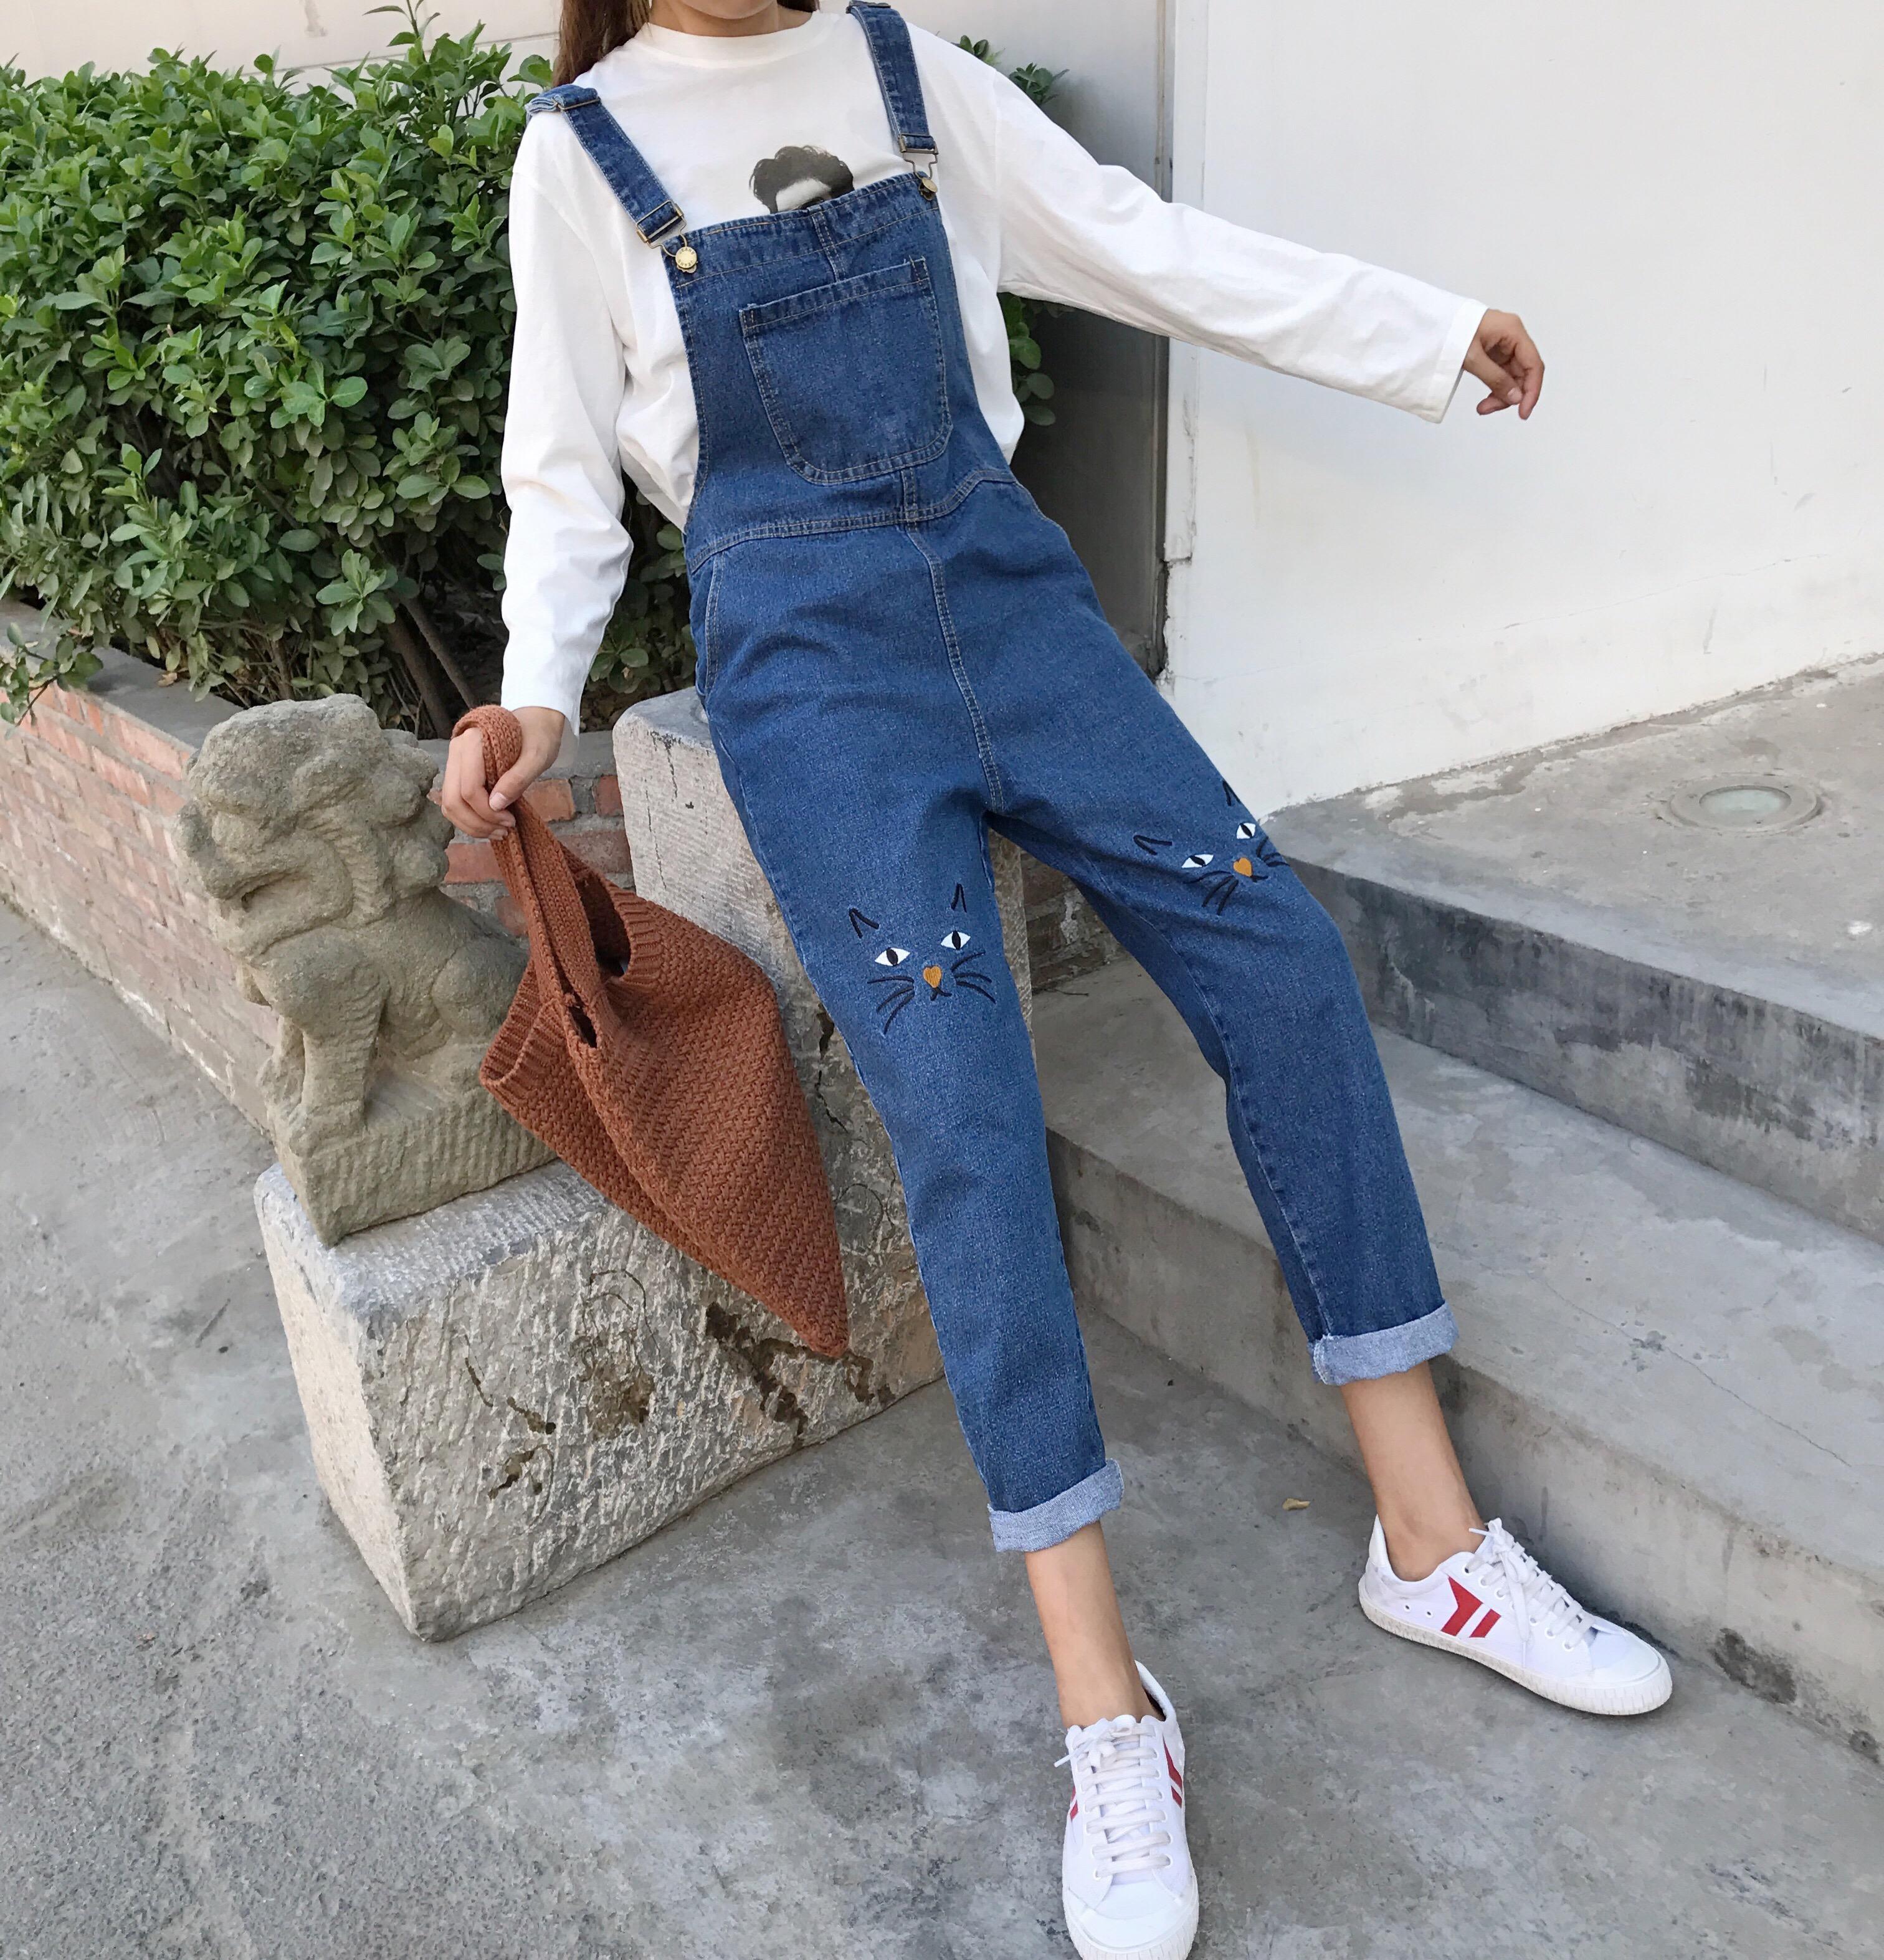 Джинсы женские Осень наряд женская одежда Хан издание милый мультфильм кошка вышивка джинсы комбинезон обрезанные брюки свободные брюки тонкий прямые брюки